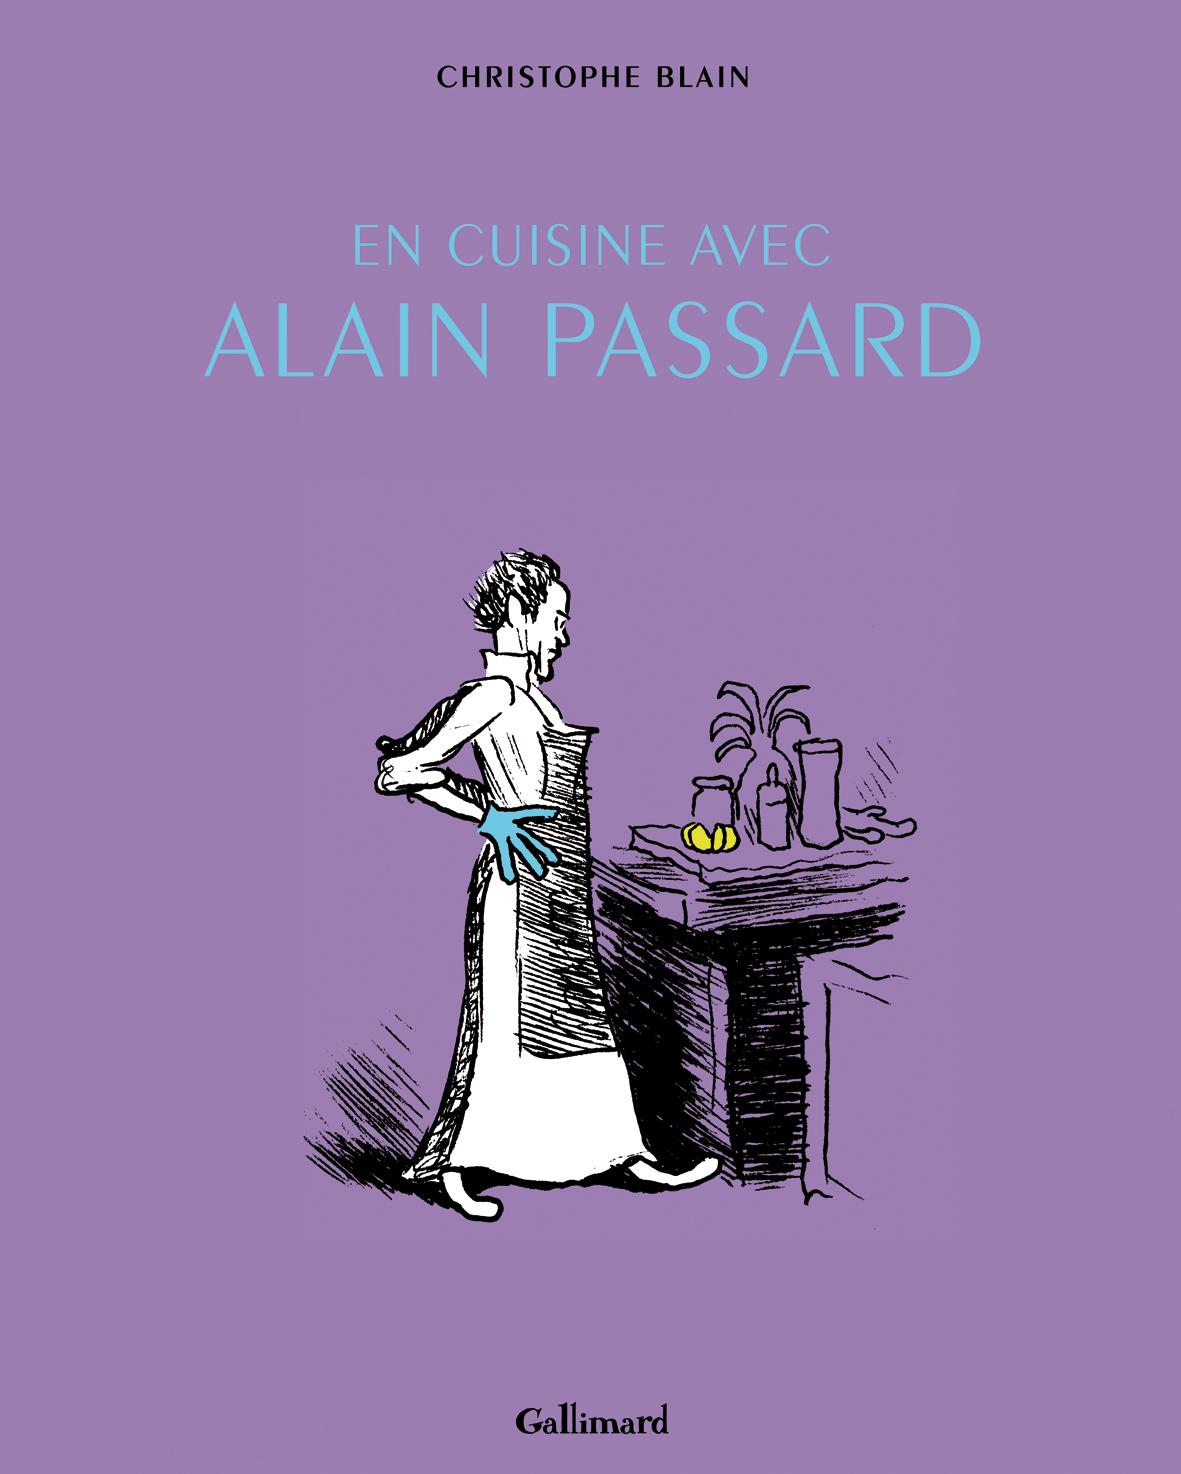 Christophe BLAIN - En cuisine avec Alain PASSARD